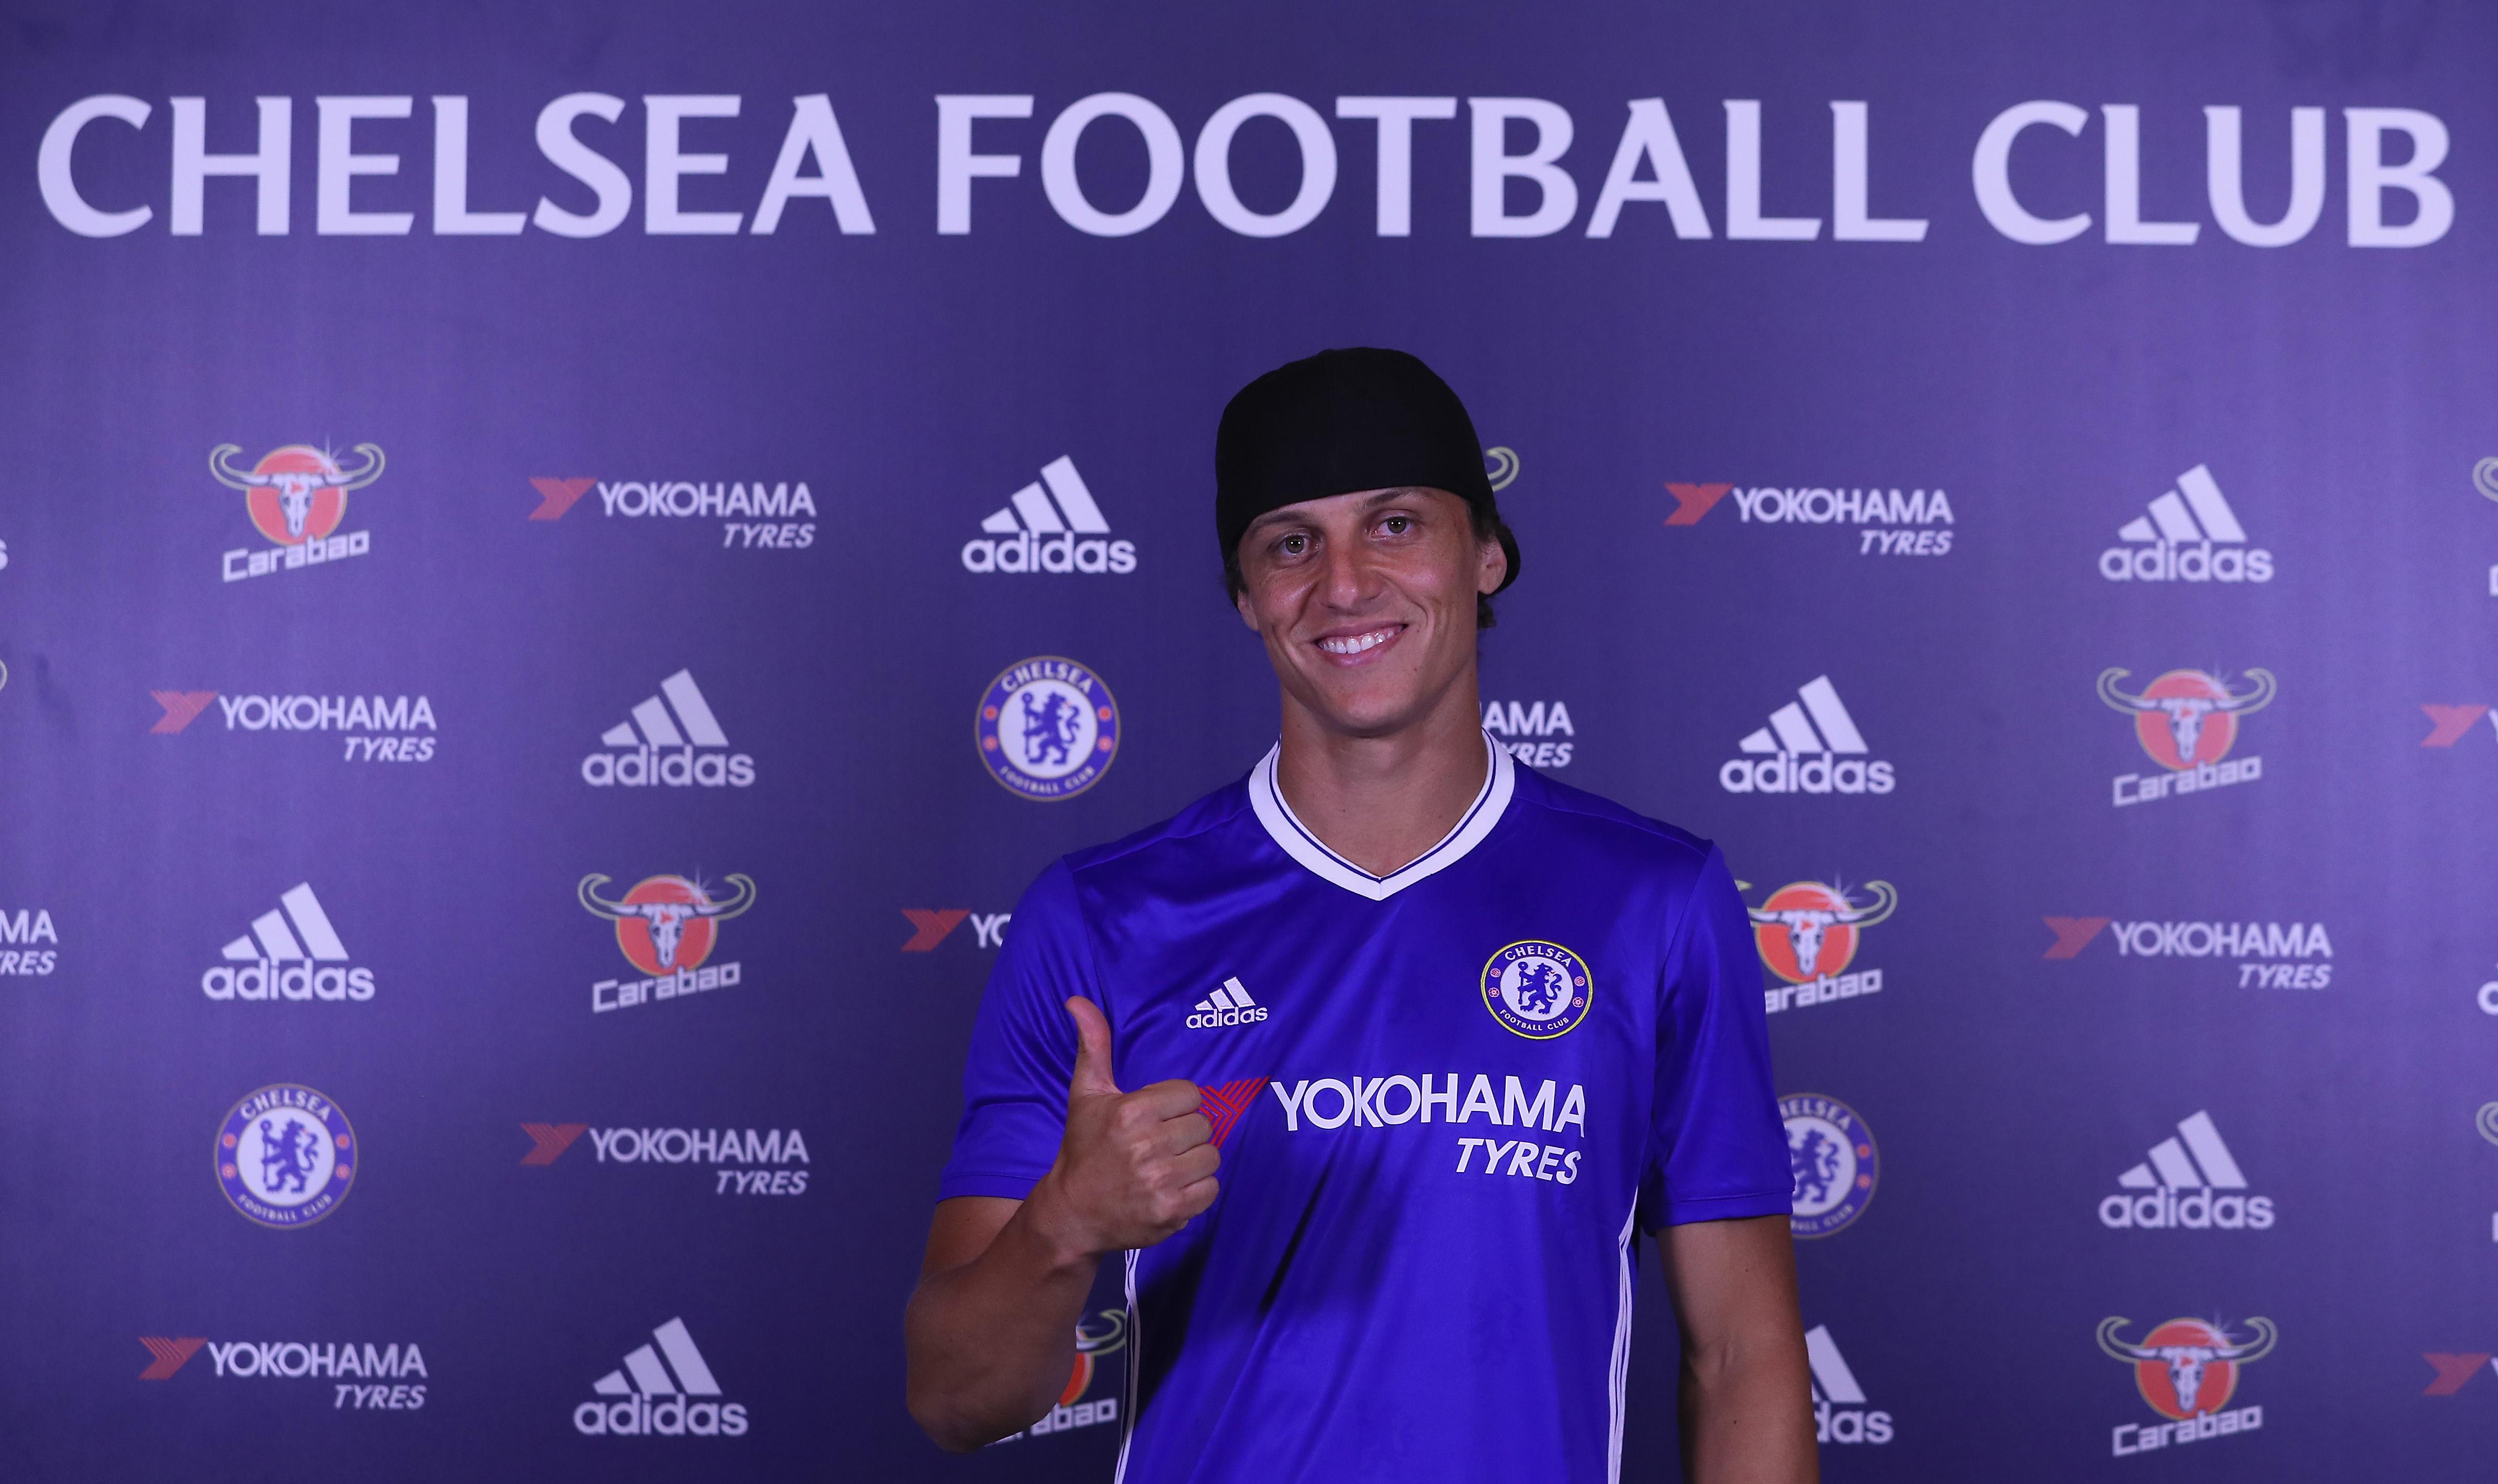 He's back! Relive David Luiz's best 7 Chelsea FC goals